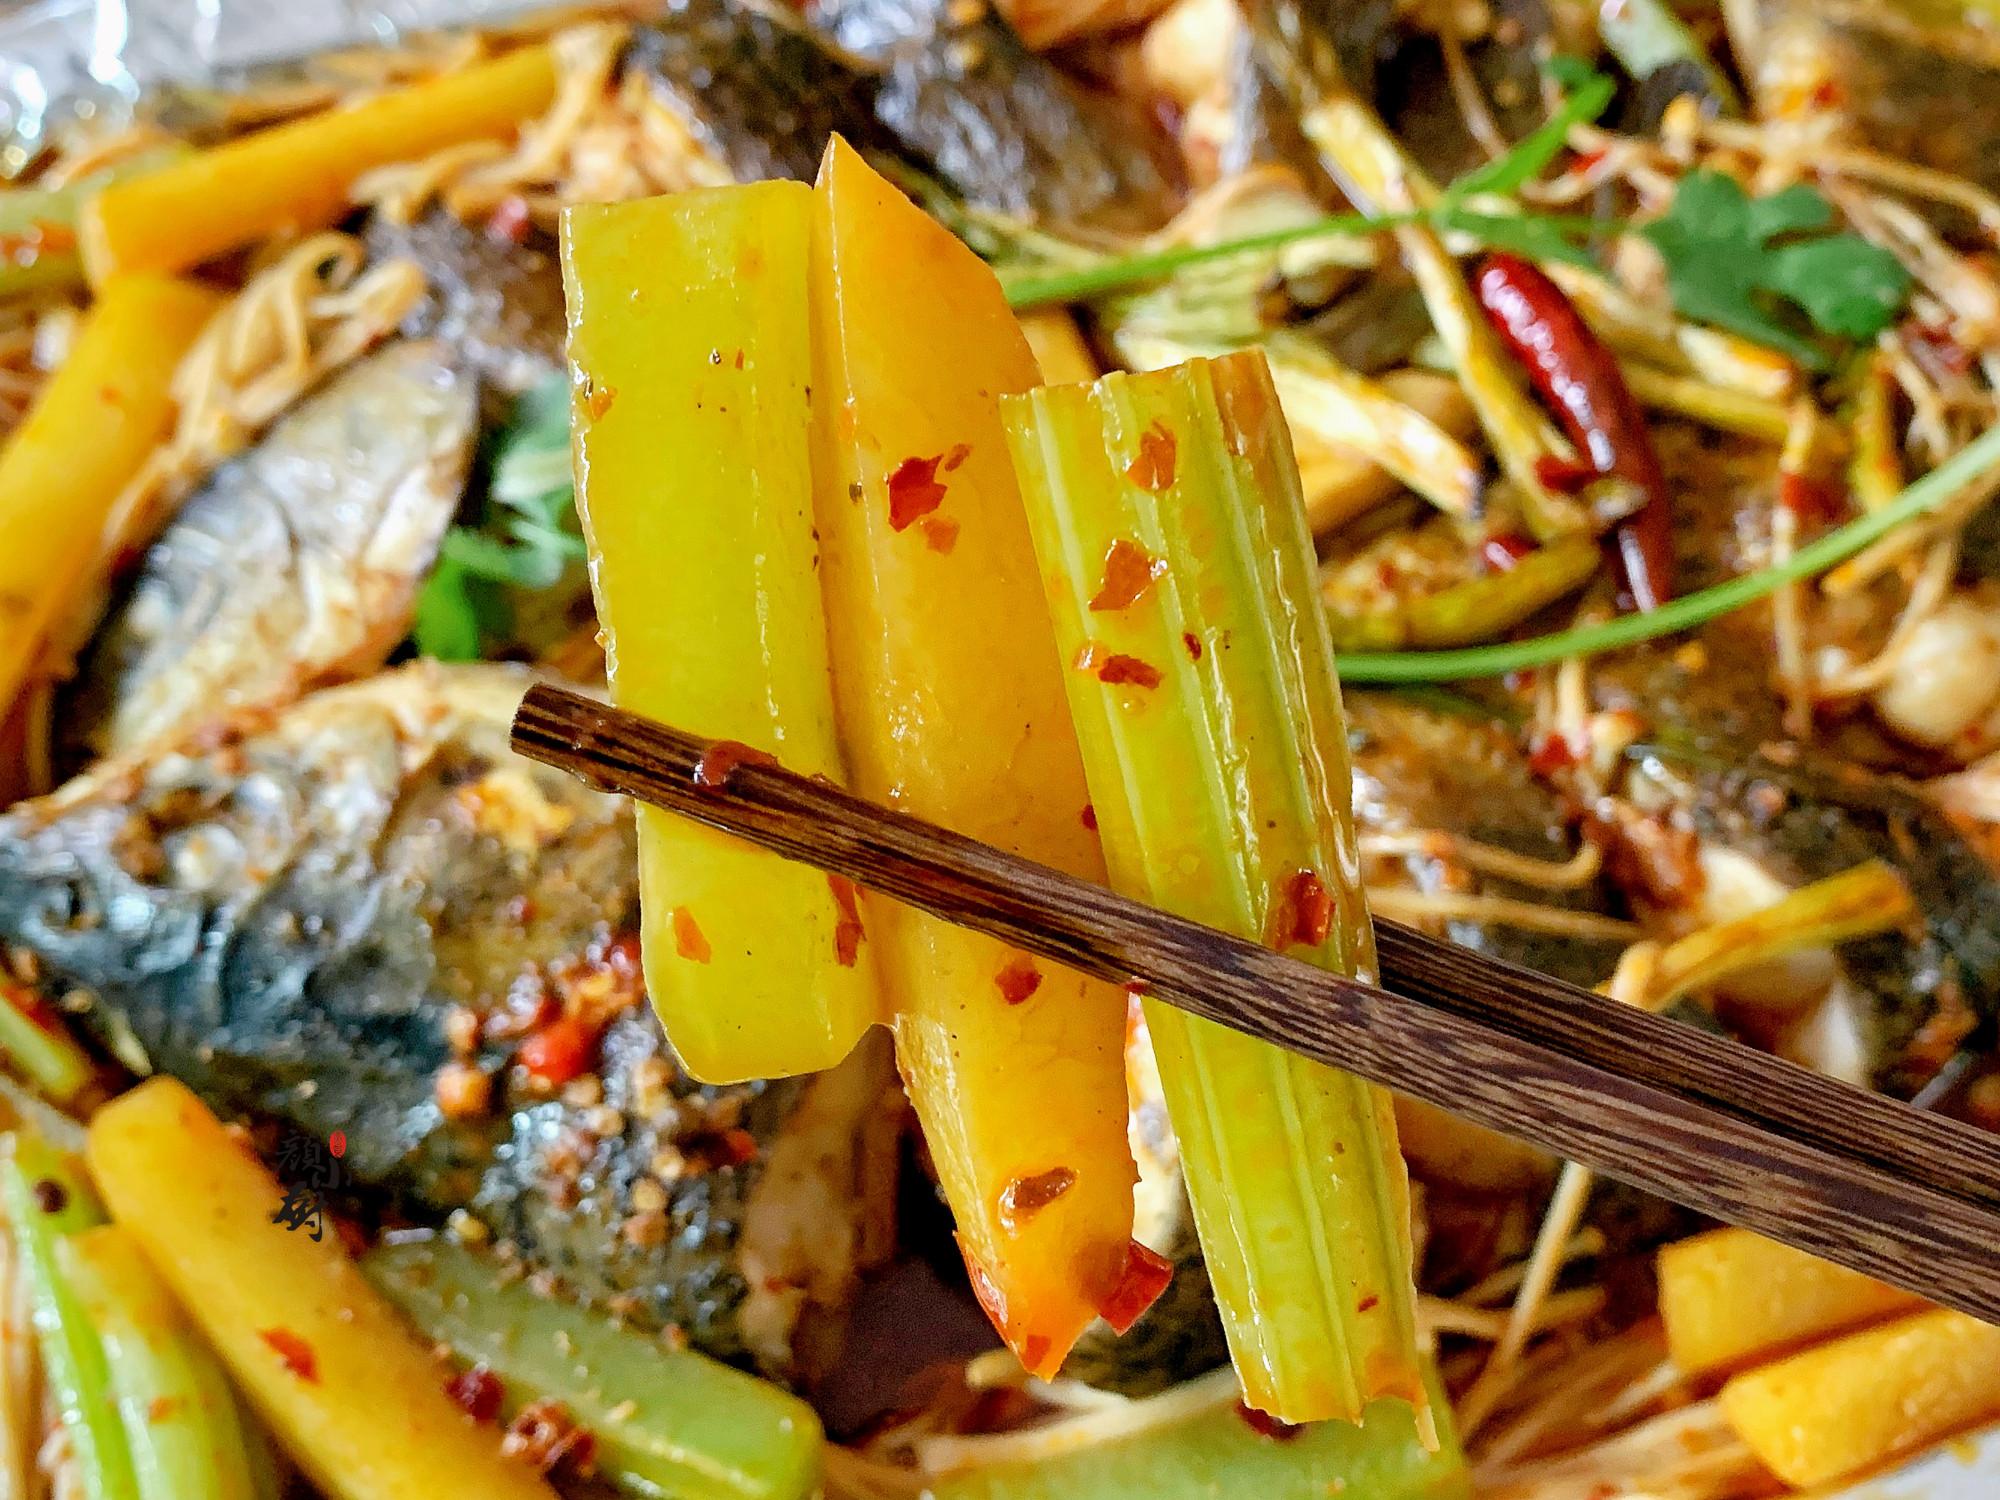 夏天,少吃猪肉多吃它,高营养高蛋白,腌好烤熟再拌入料汁,真香